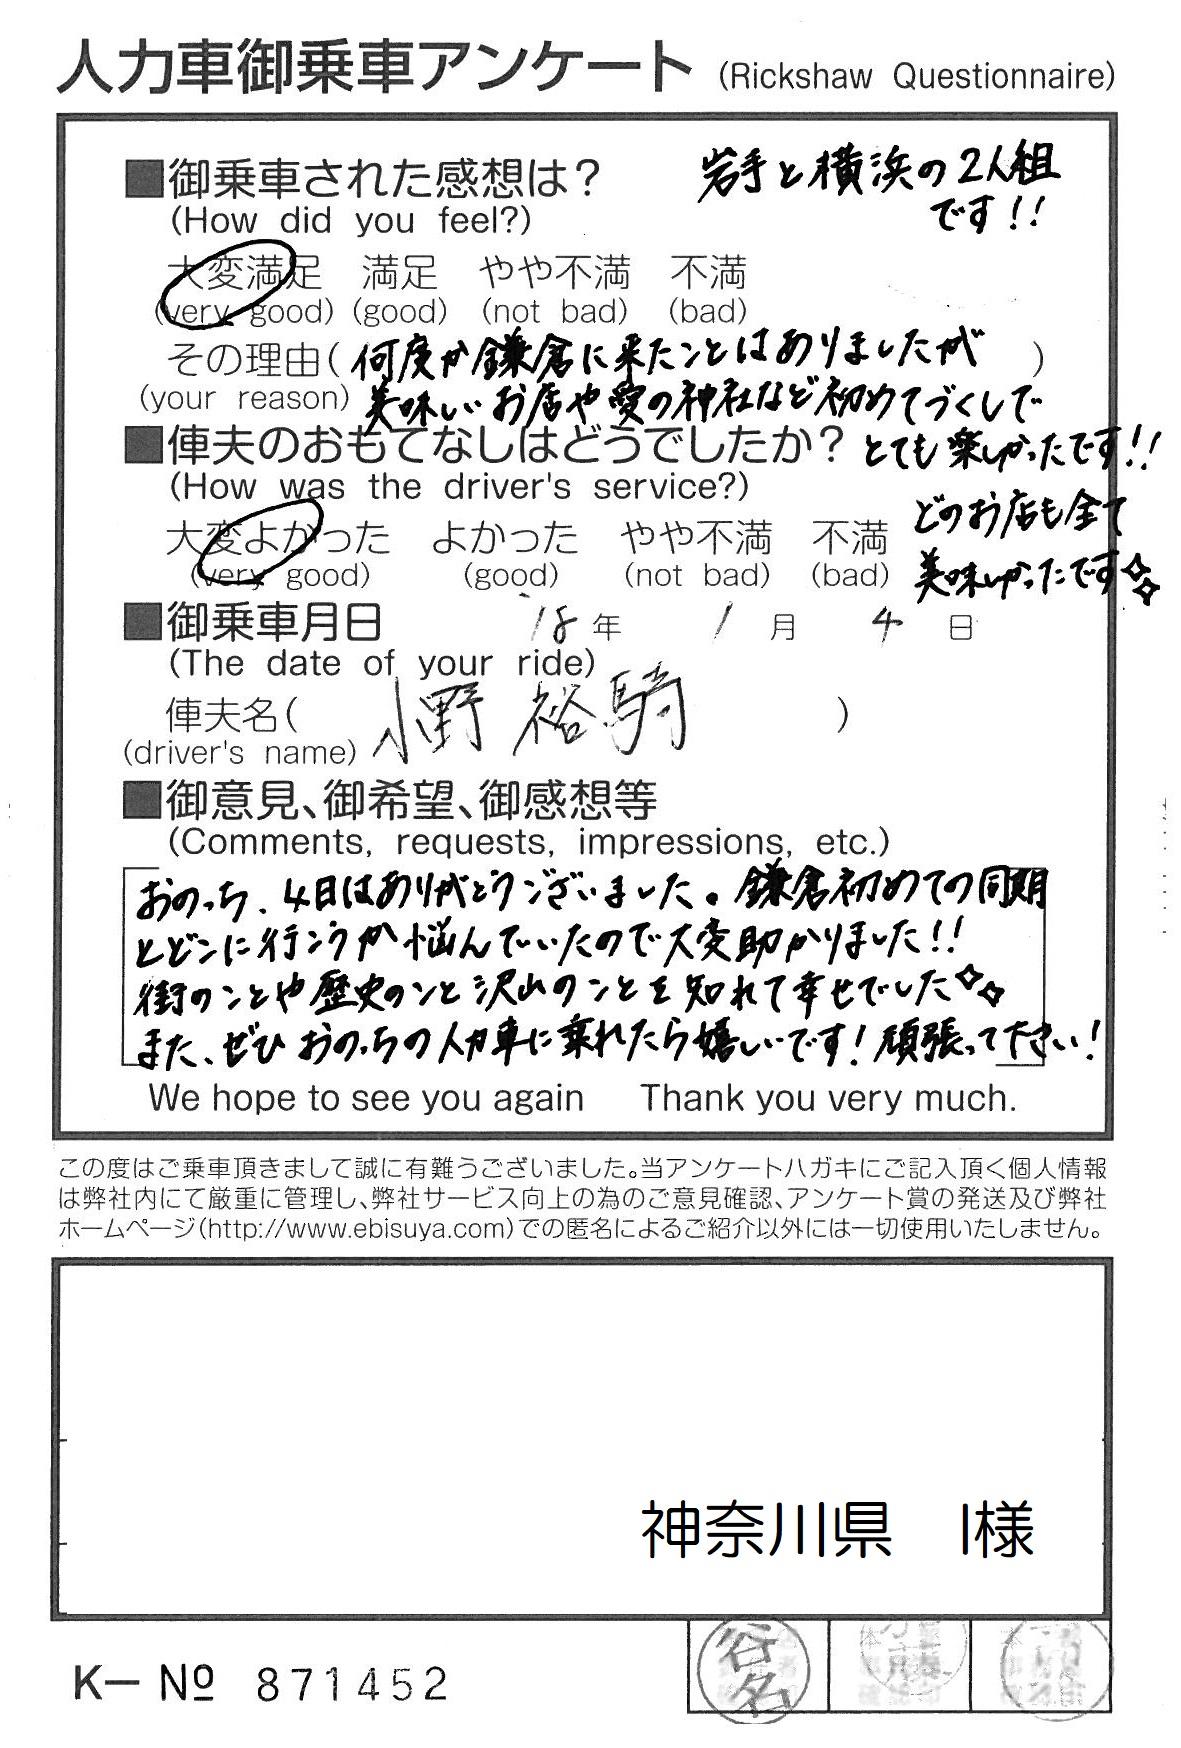 神奈川県 I様